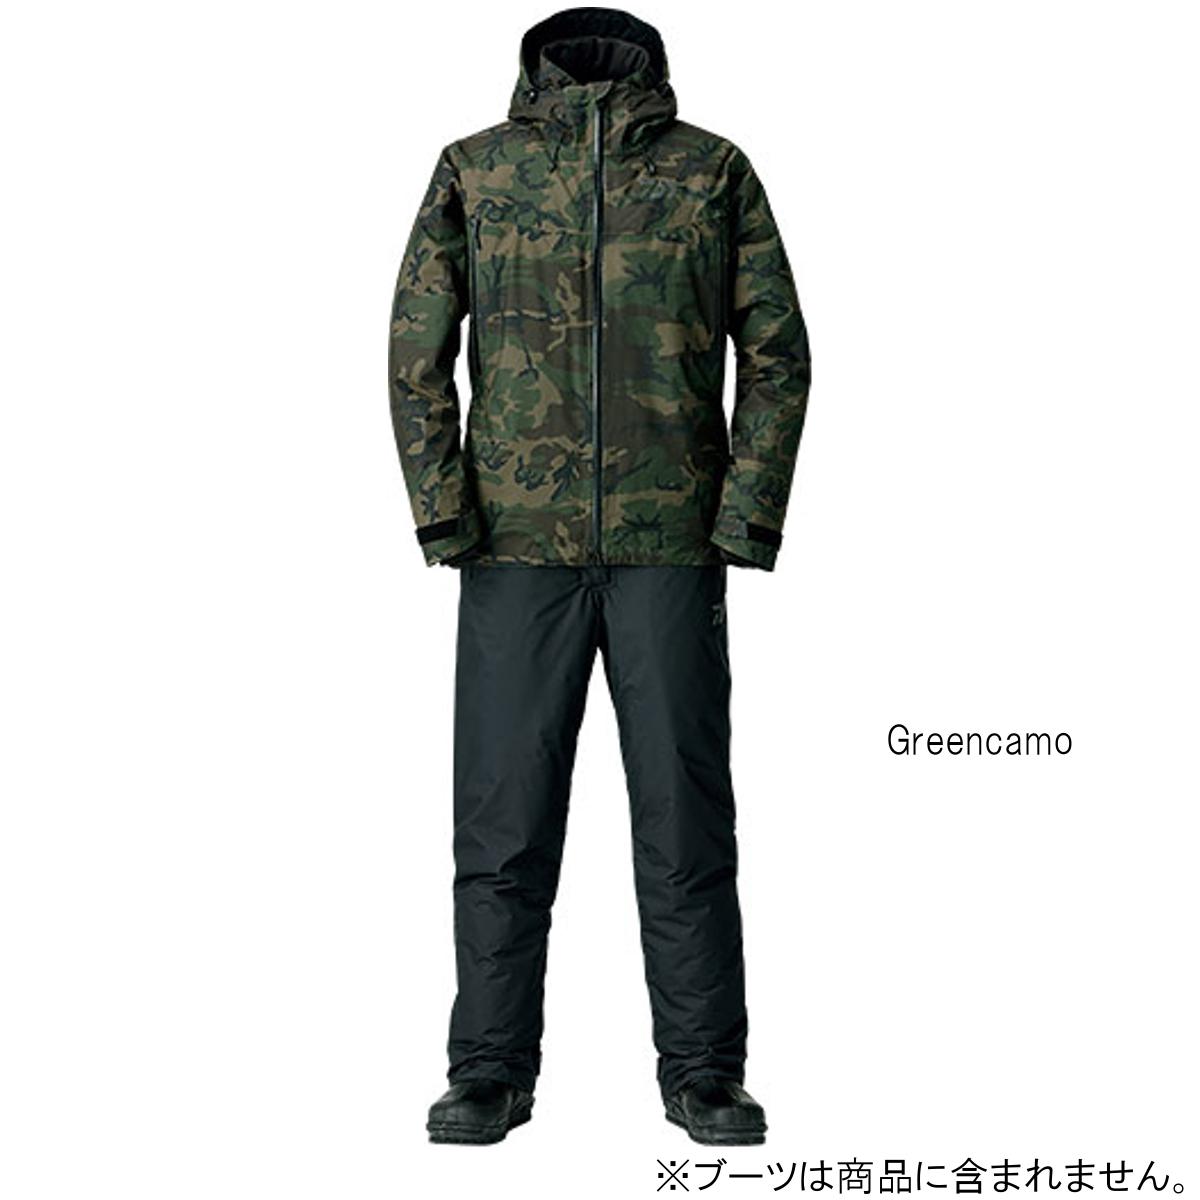 ダイワ レインマックス ウィンタースーツ DW-3108 L Greencamo